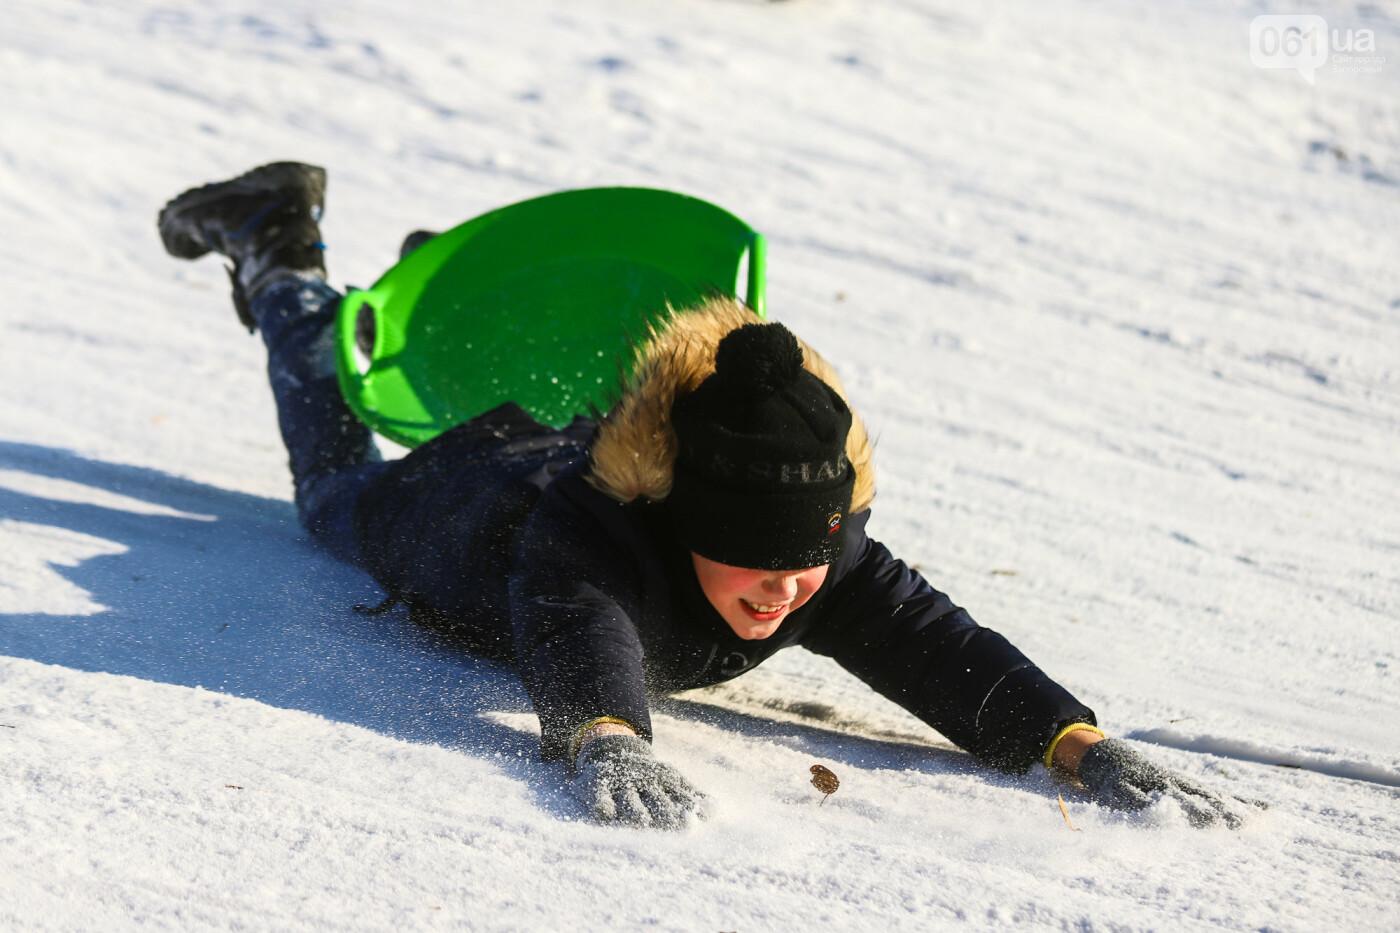 На санках, лыжах и сноуборде: запорожцы устроили массовое катание с горок в Вознесеновском парке, - ФОТОРЕПОРТАЖ, фото-77